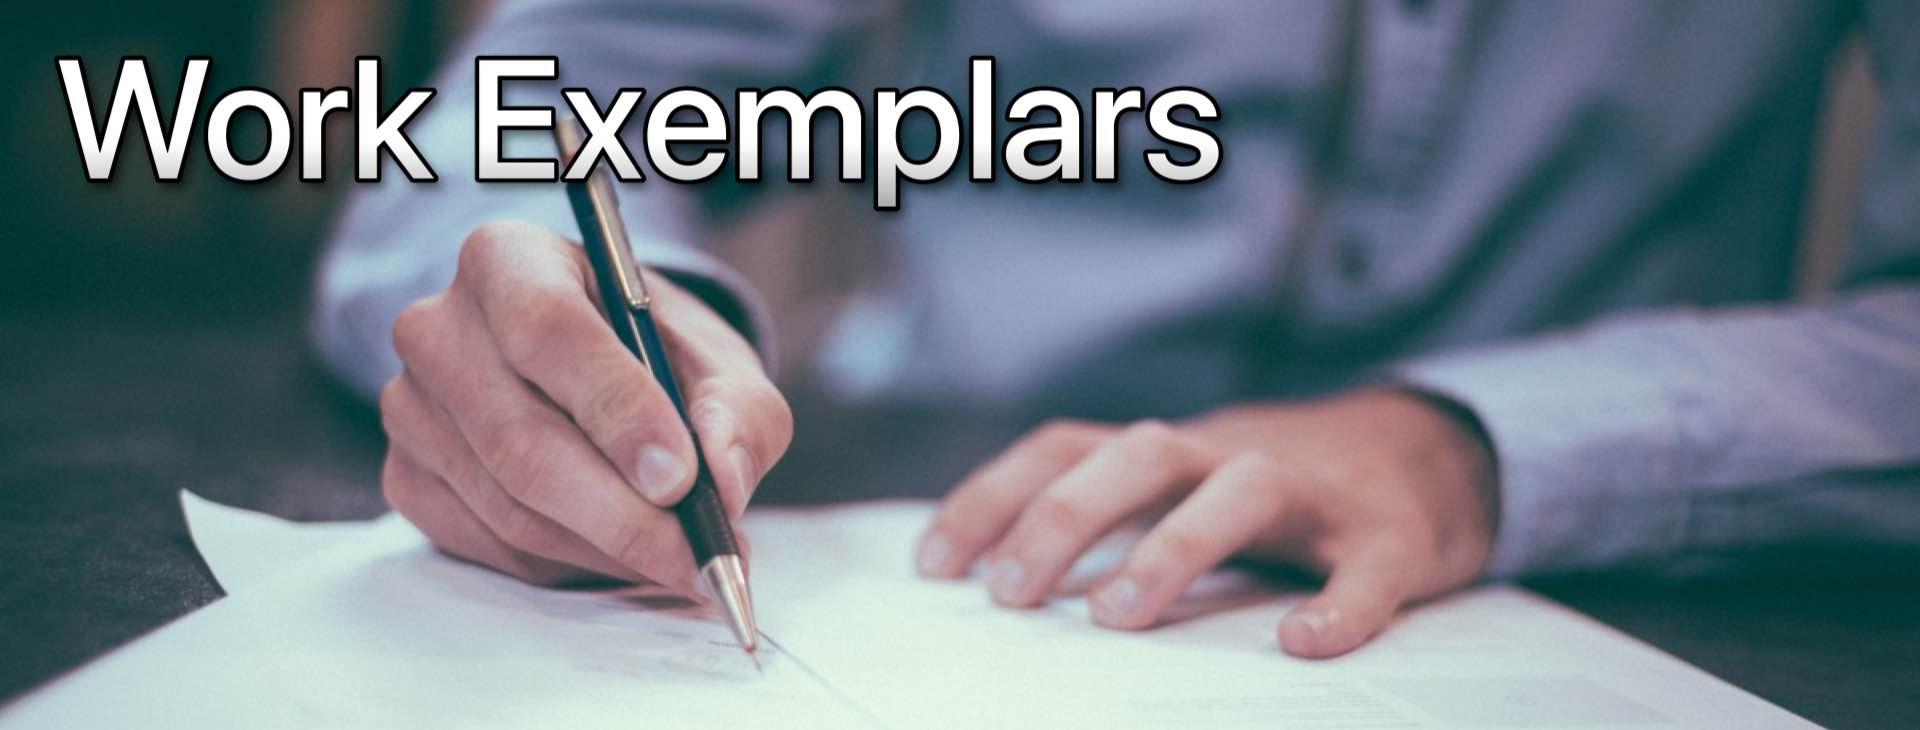 Work Exemplars